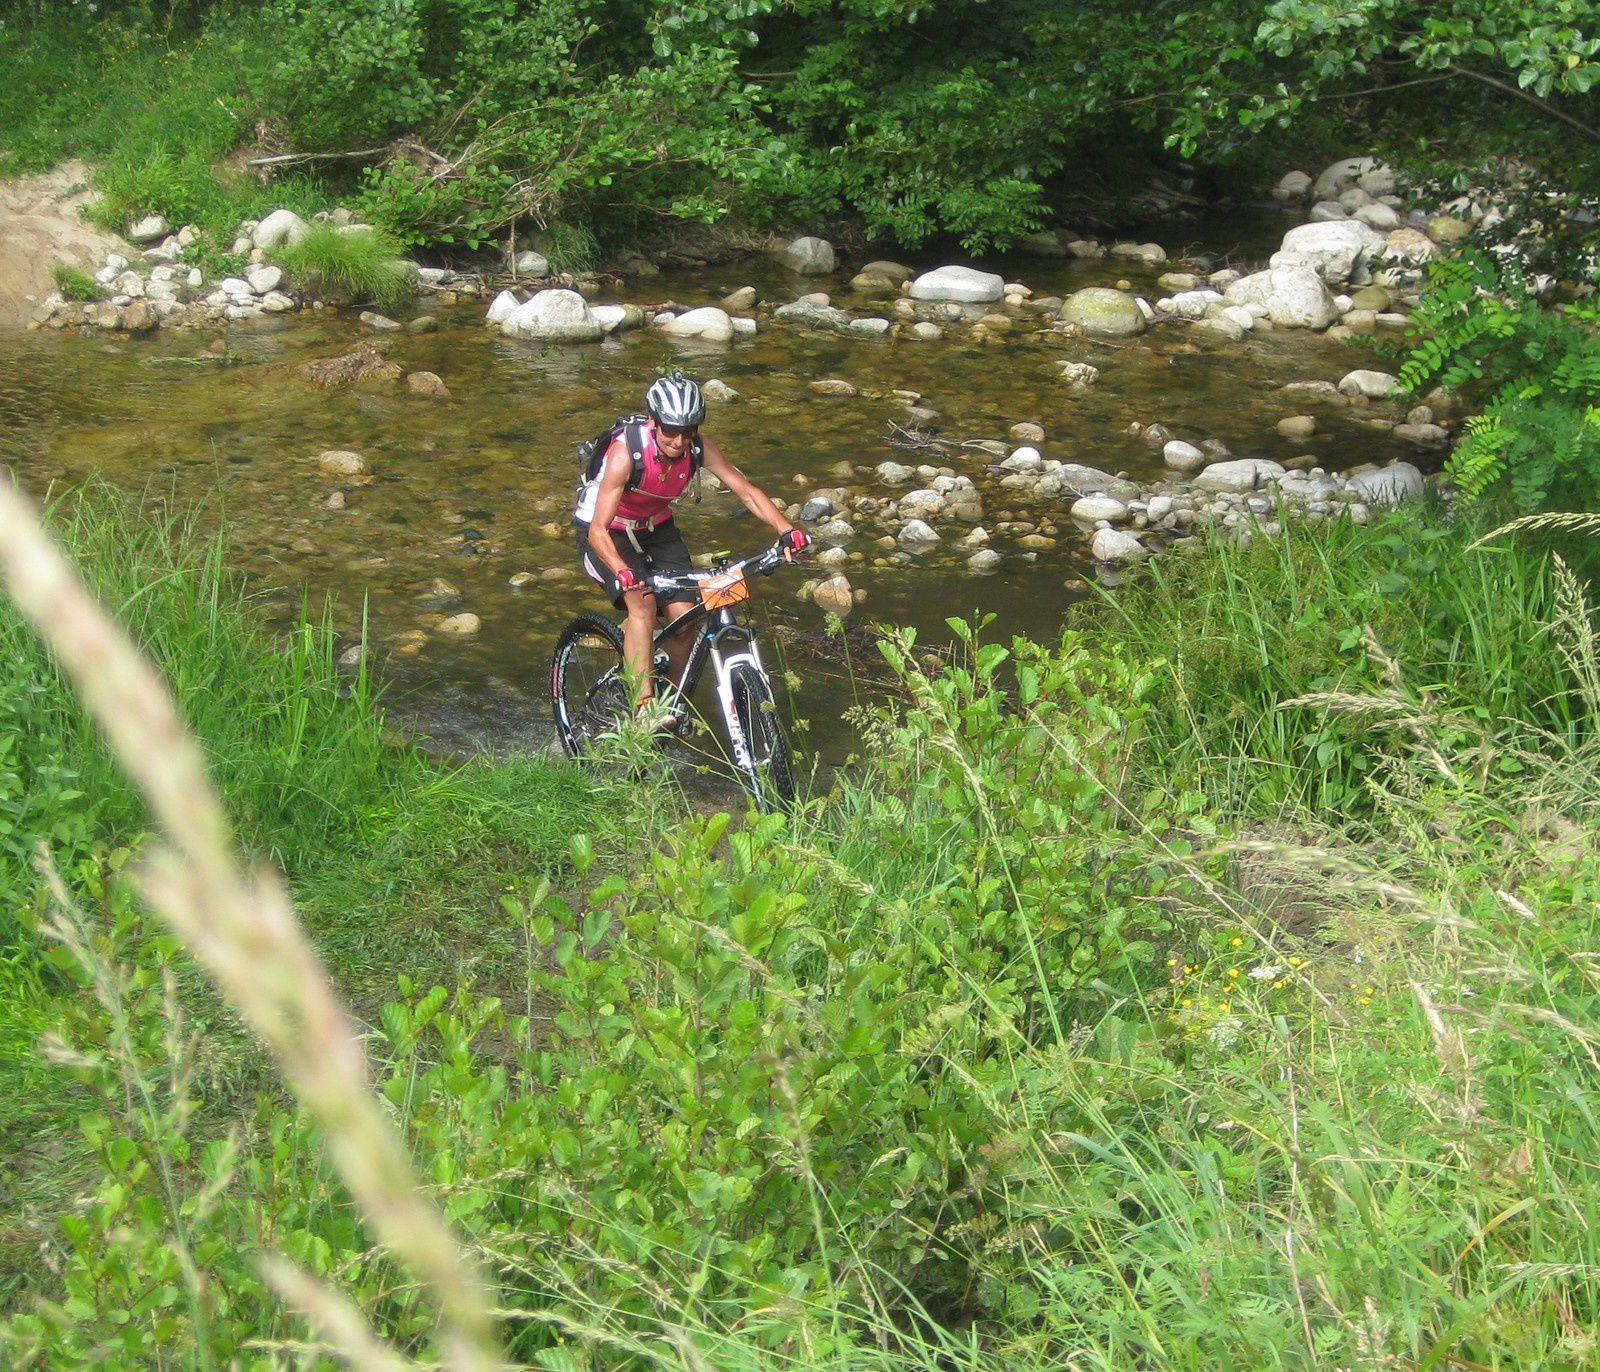 La semaine prochaine de nouvelles aventures nous attendent dans la Drôme avec les Ardriders.